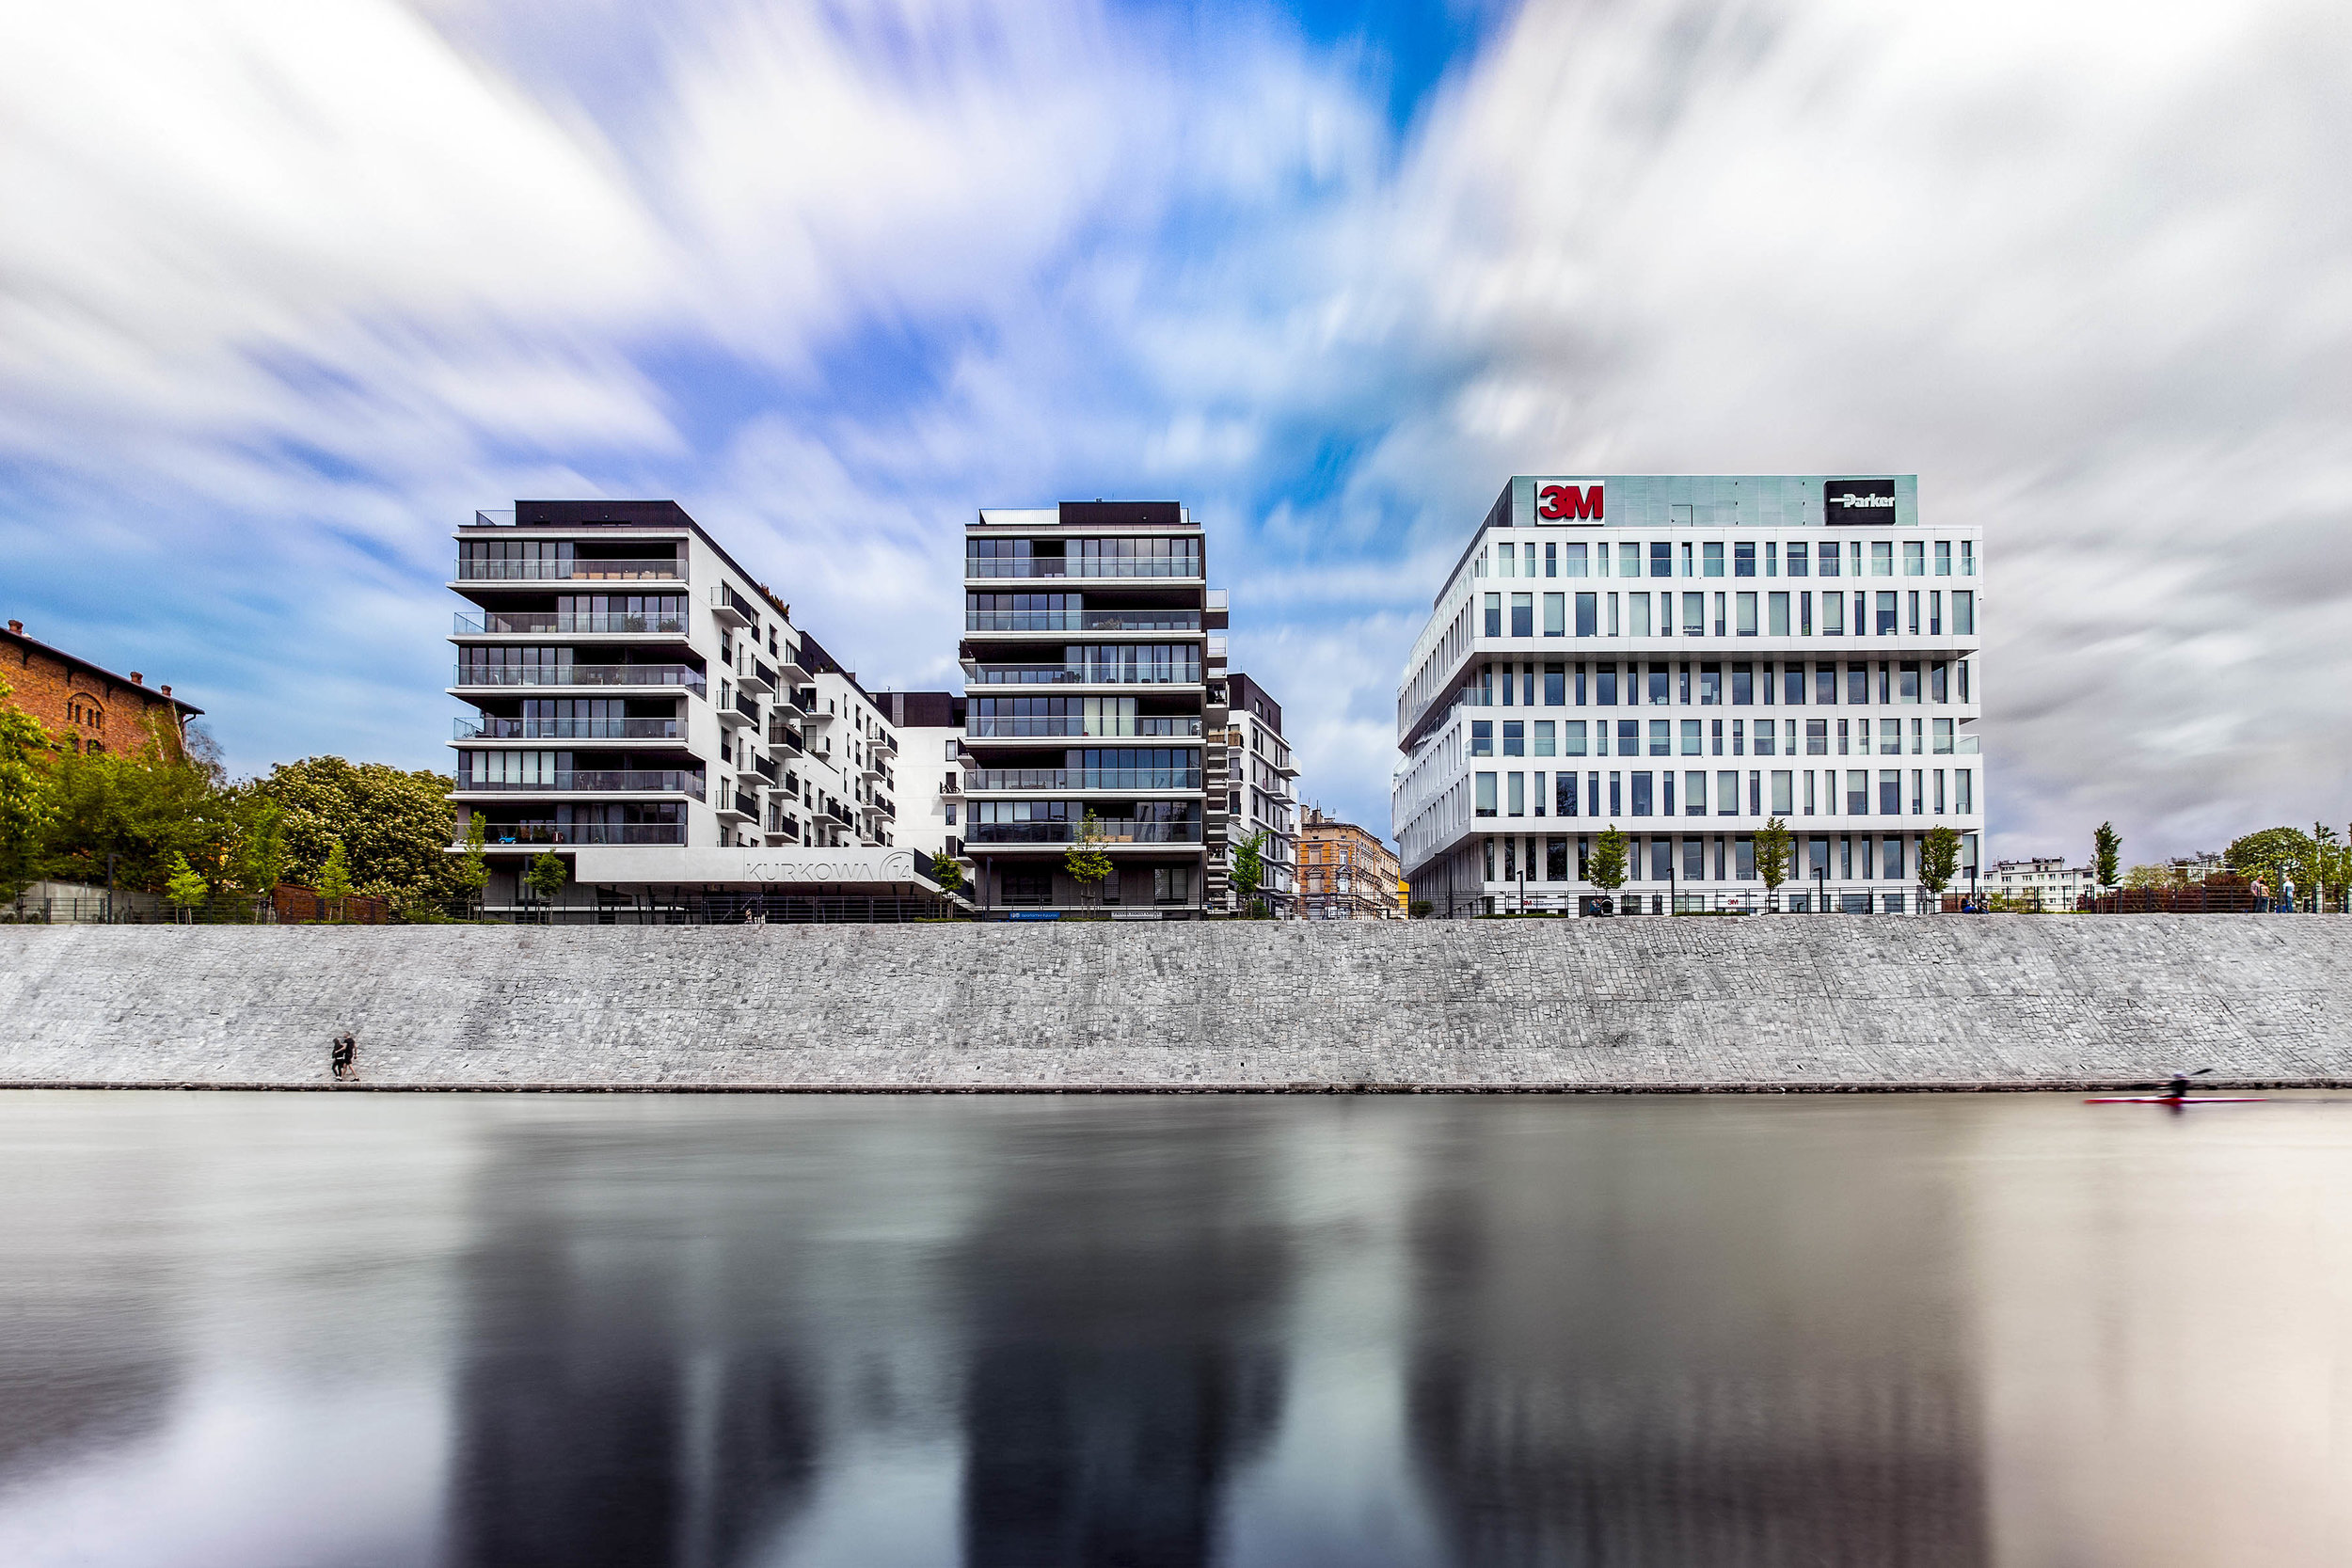 3M Building - Wroclaw, Poland